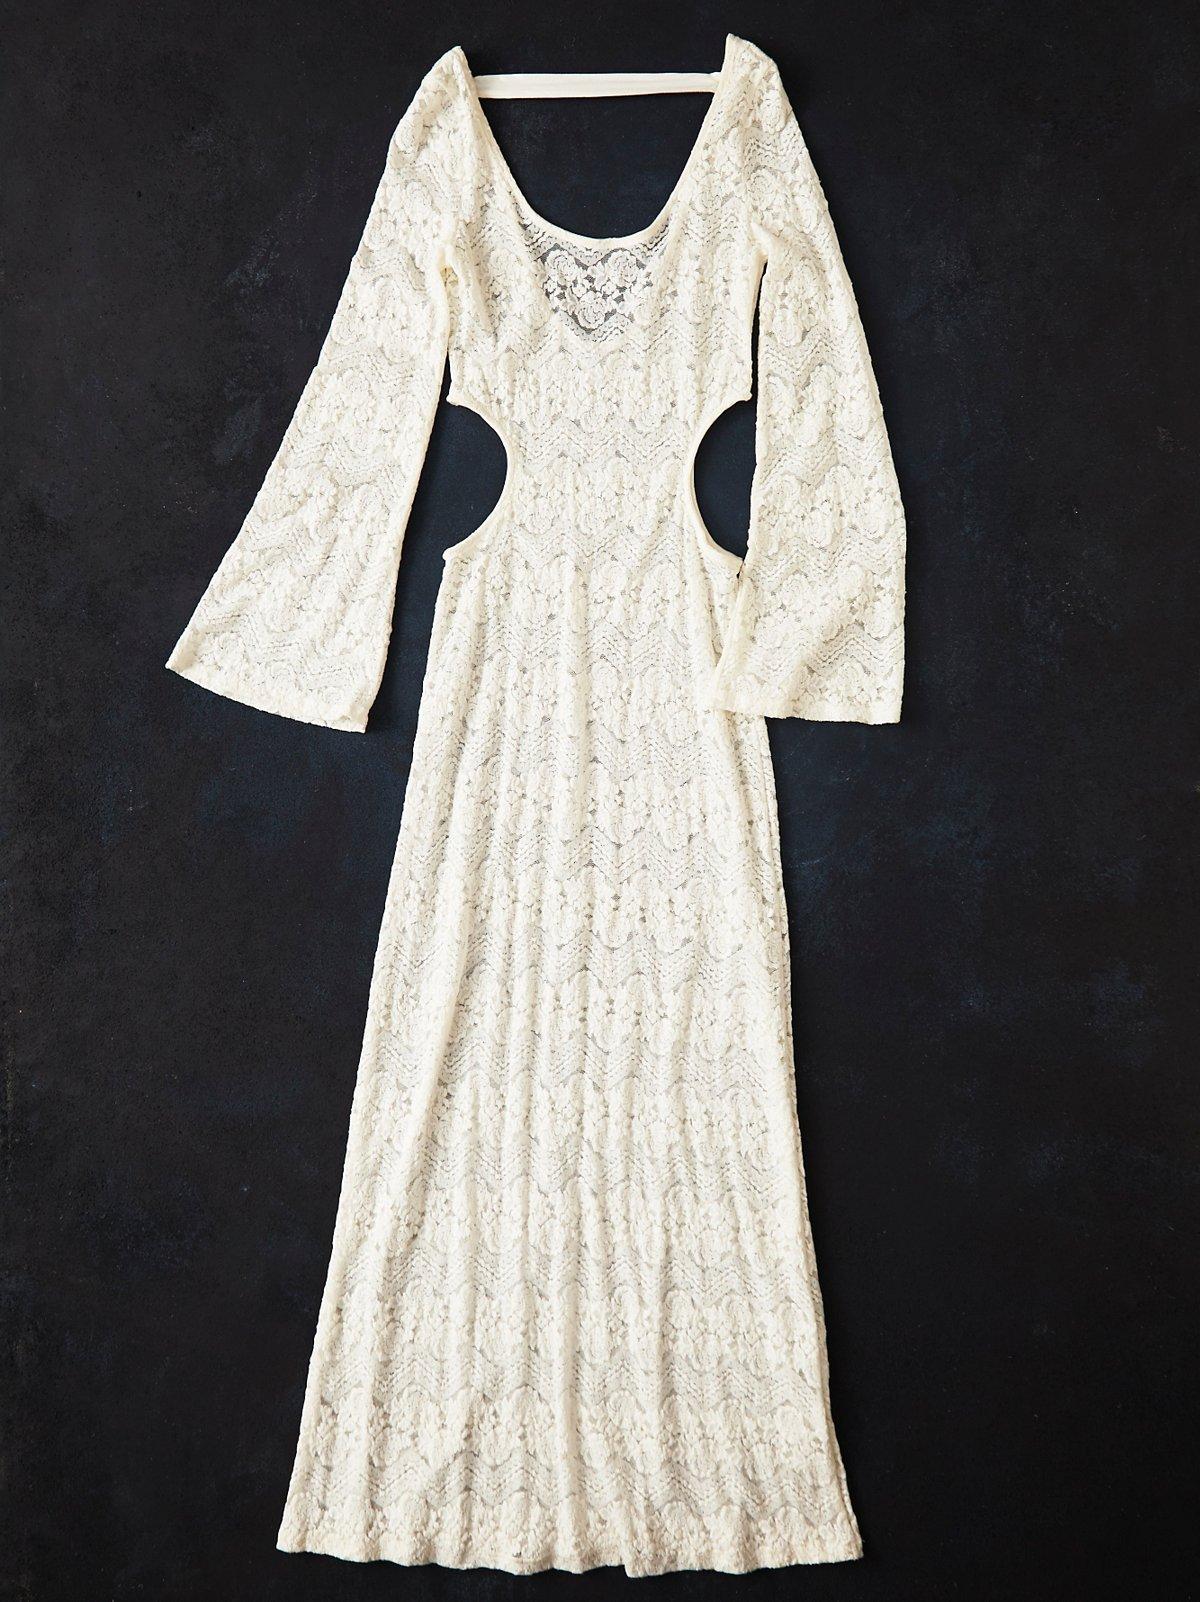 Vintage 1980s Lace Dress